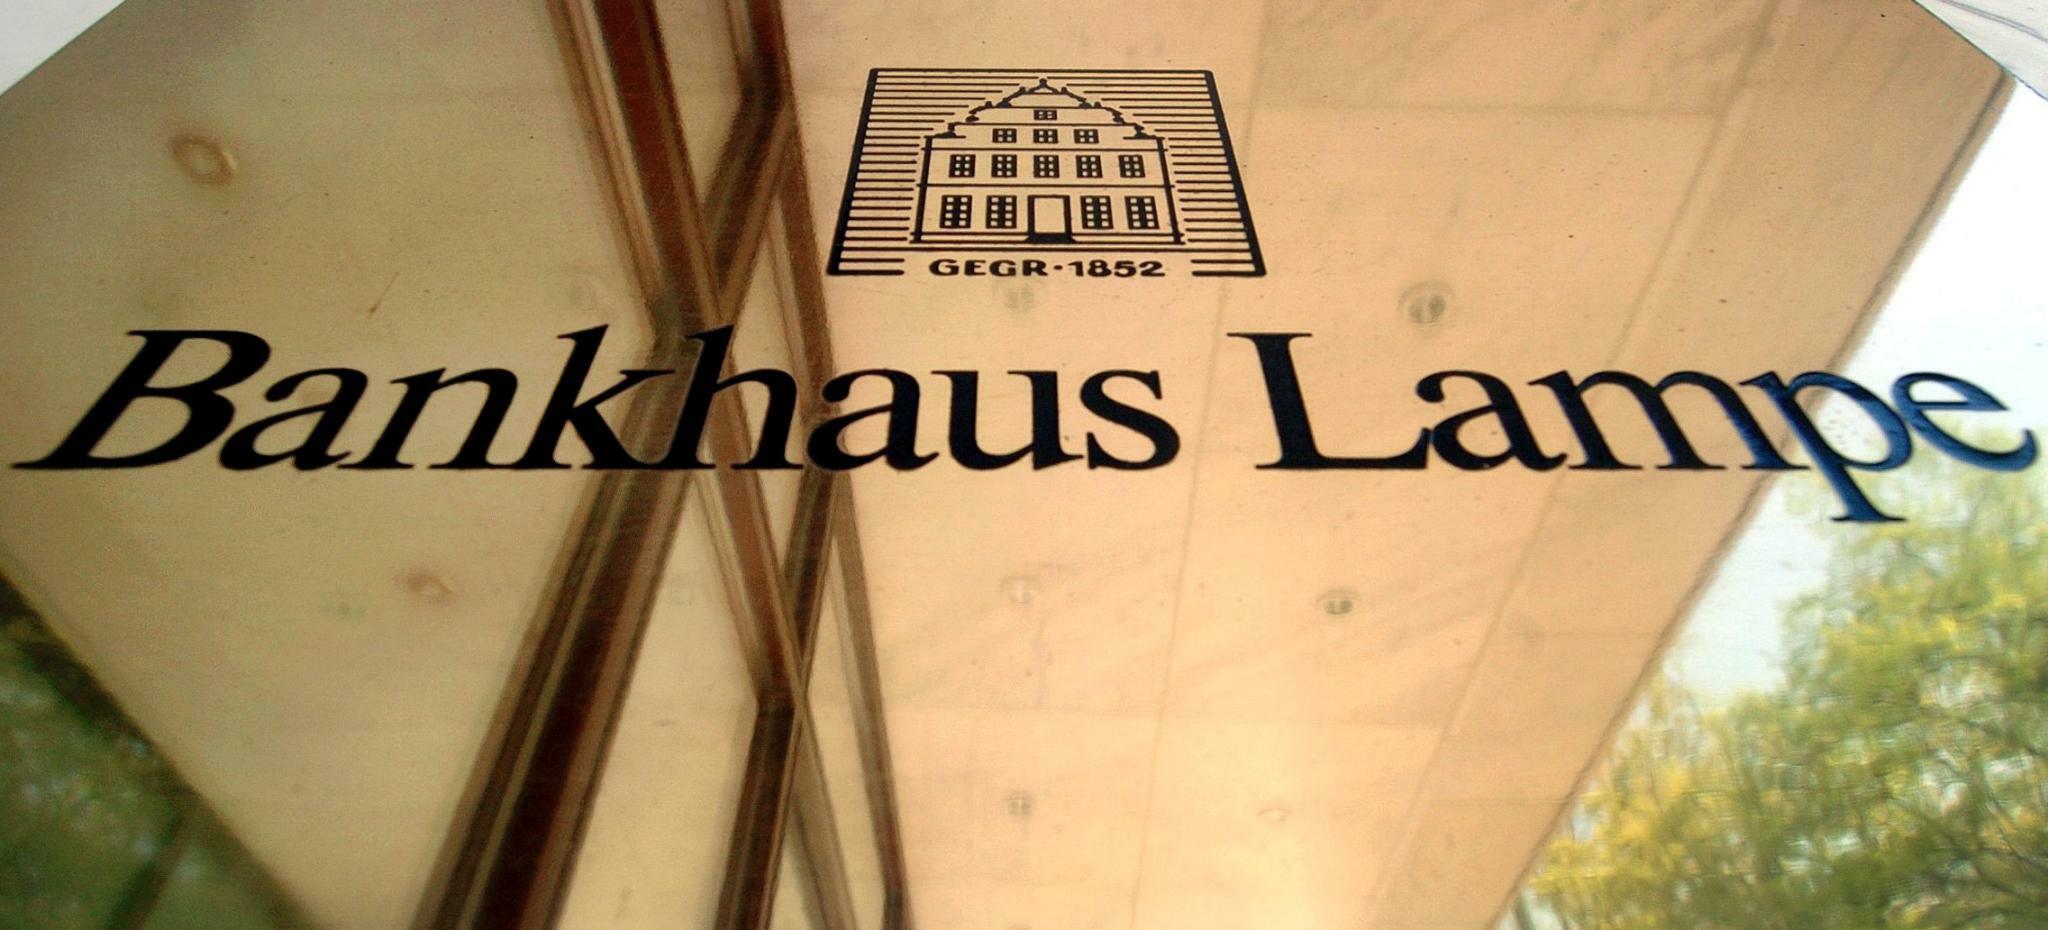 Möglicher Verkauf: Oetker stellt Bankhaus Lampe auf den Prüfstand